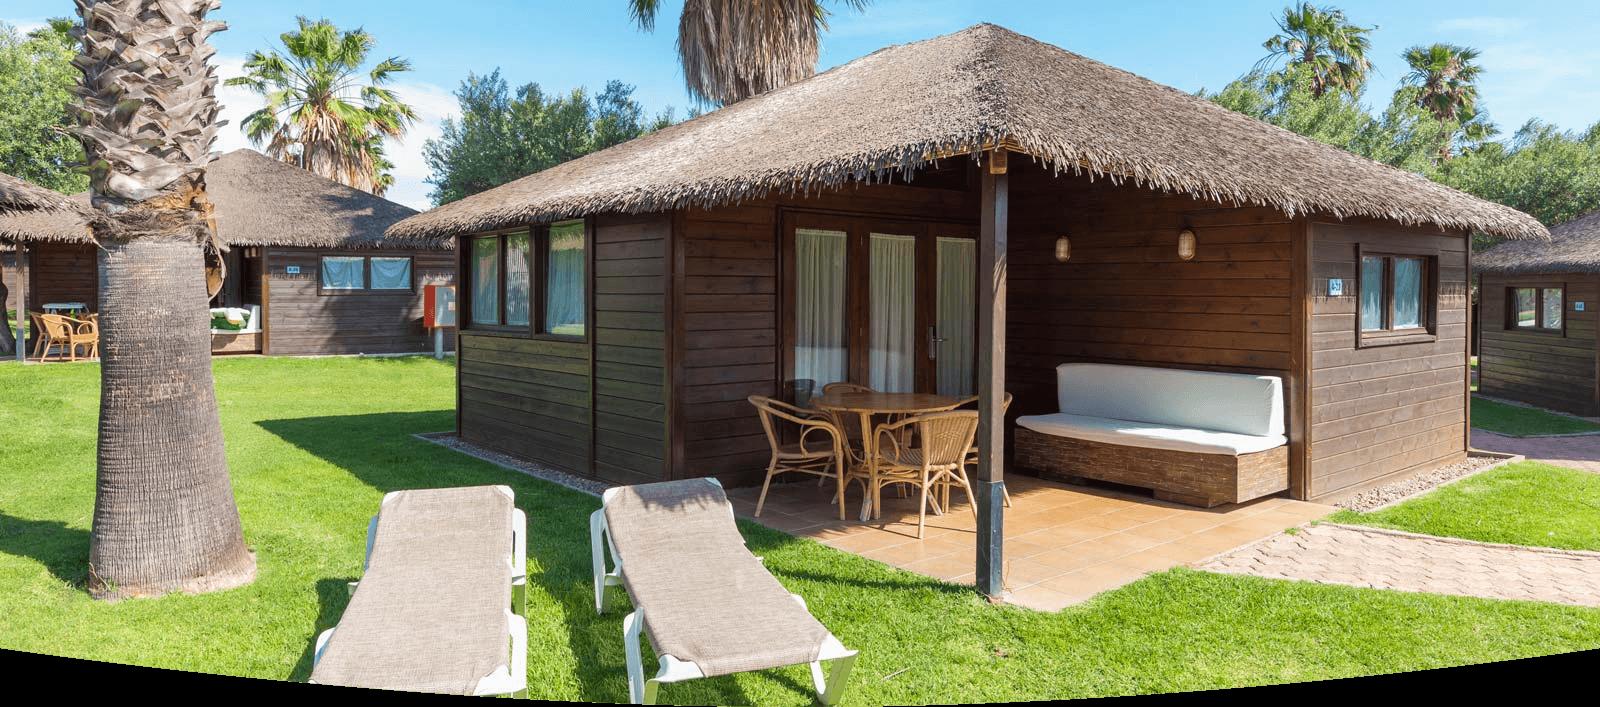 Bungalows aloha de madera en cambrils - Fotos de bungalows de madera ...